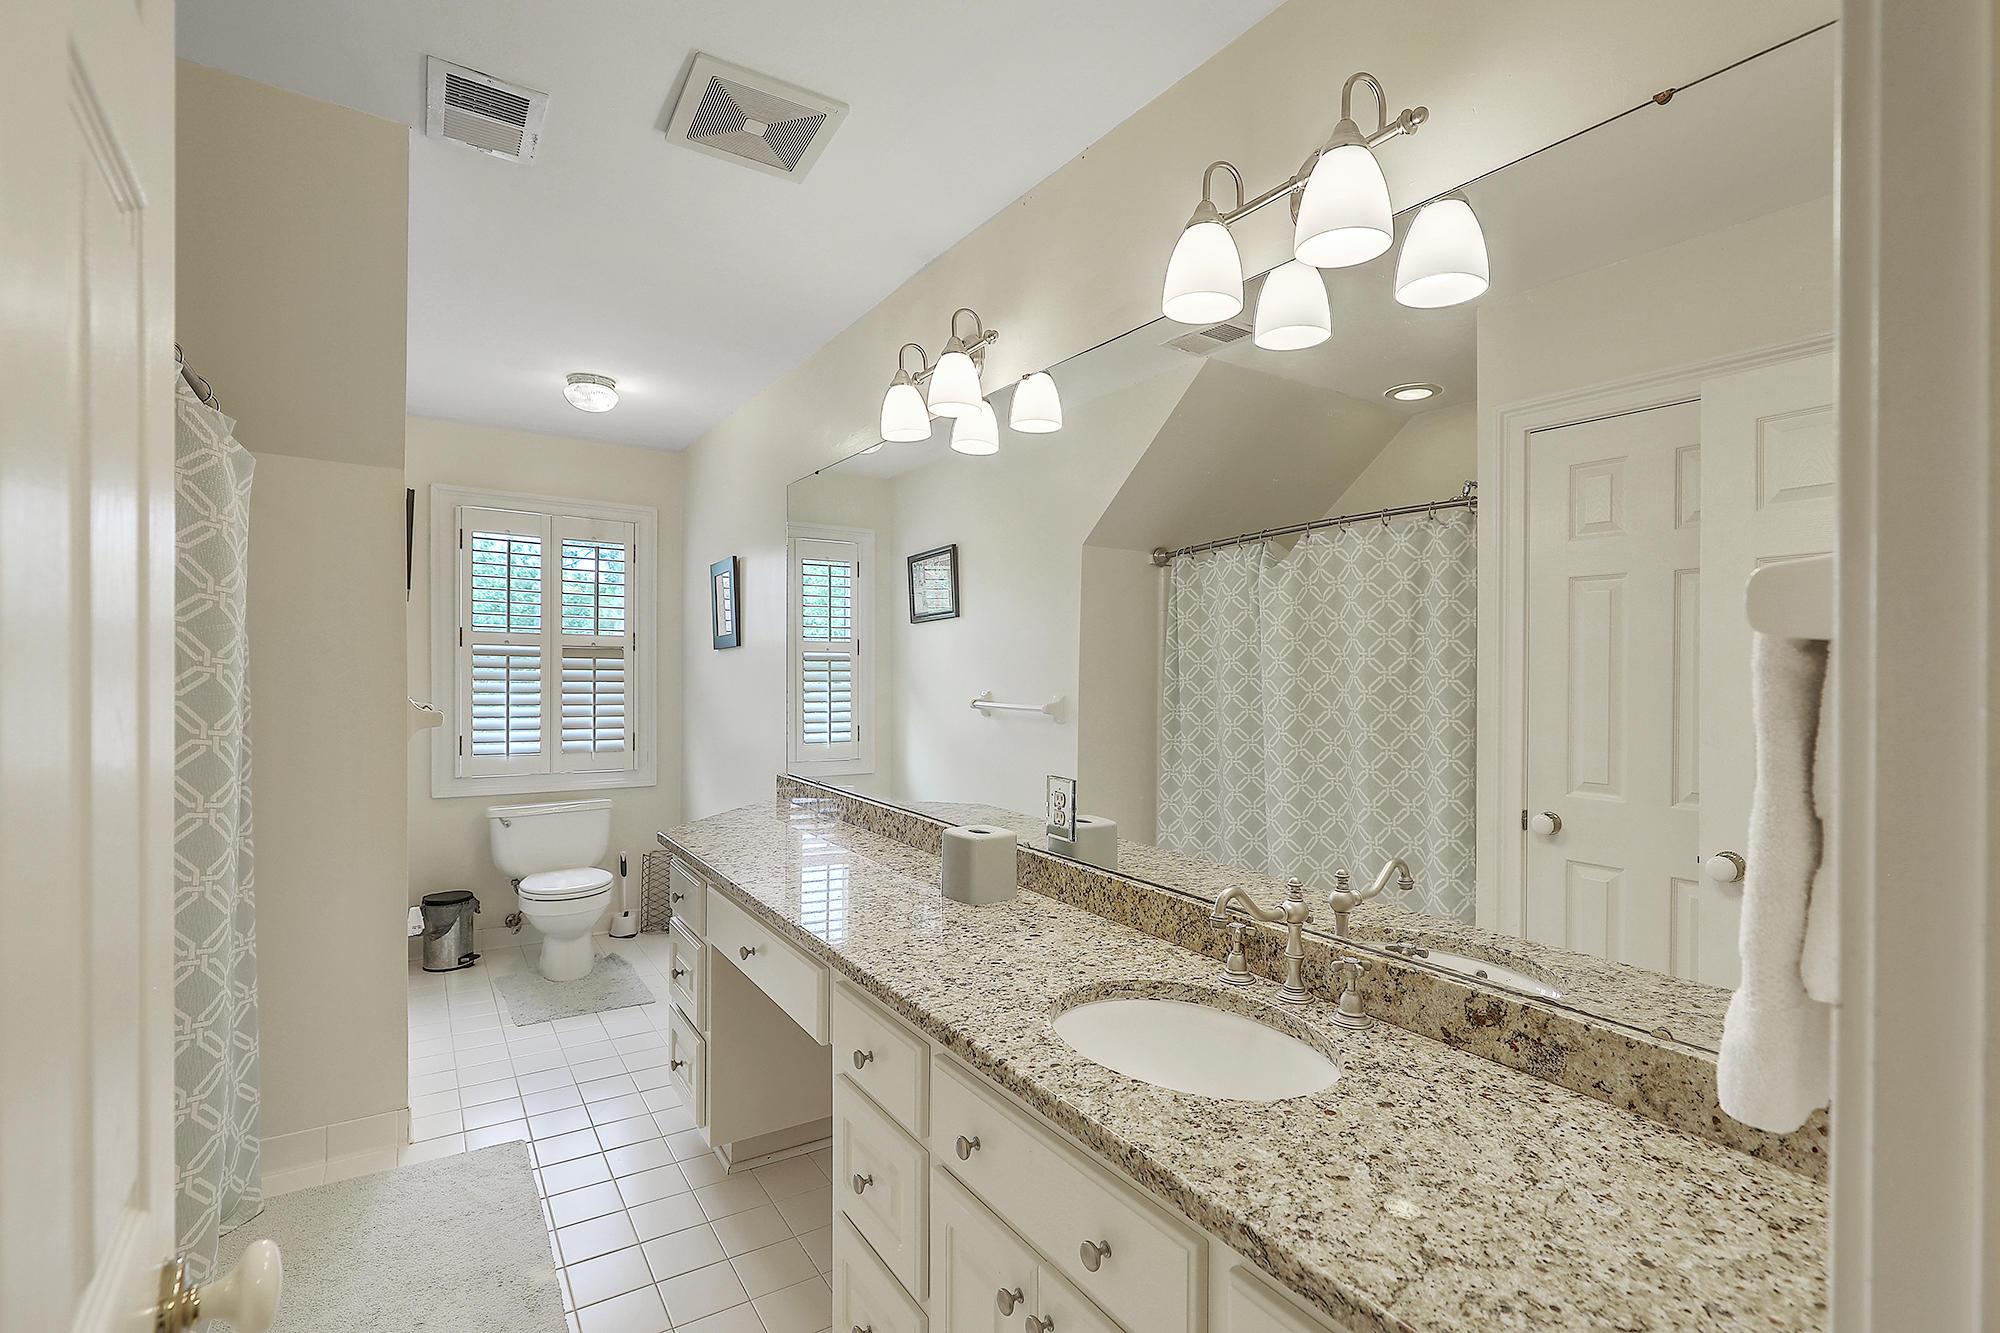 Stiles Point Plantation Homes For Sale - 816 Whispering Marsh, Charleston, SC - 11